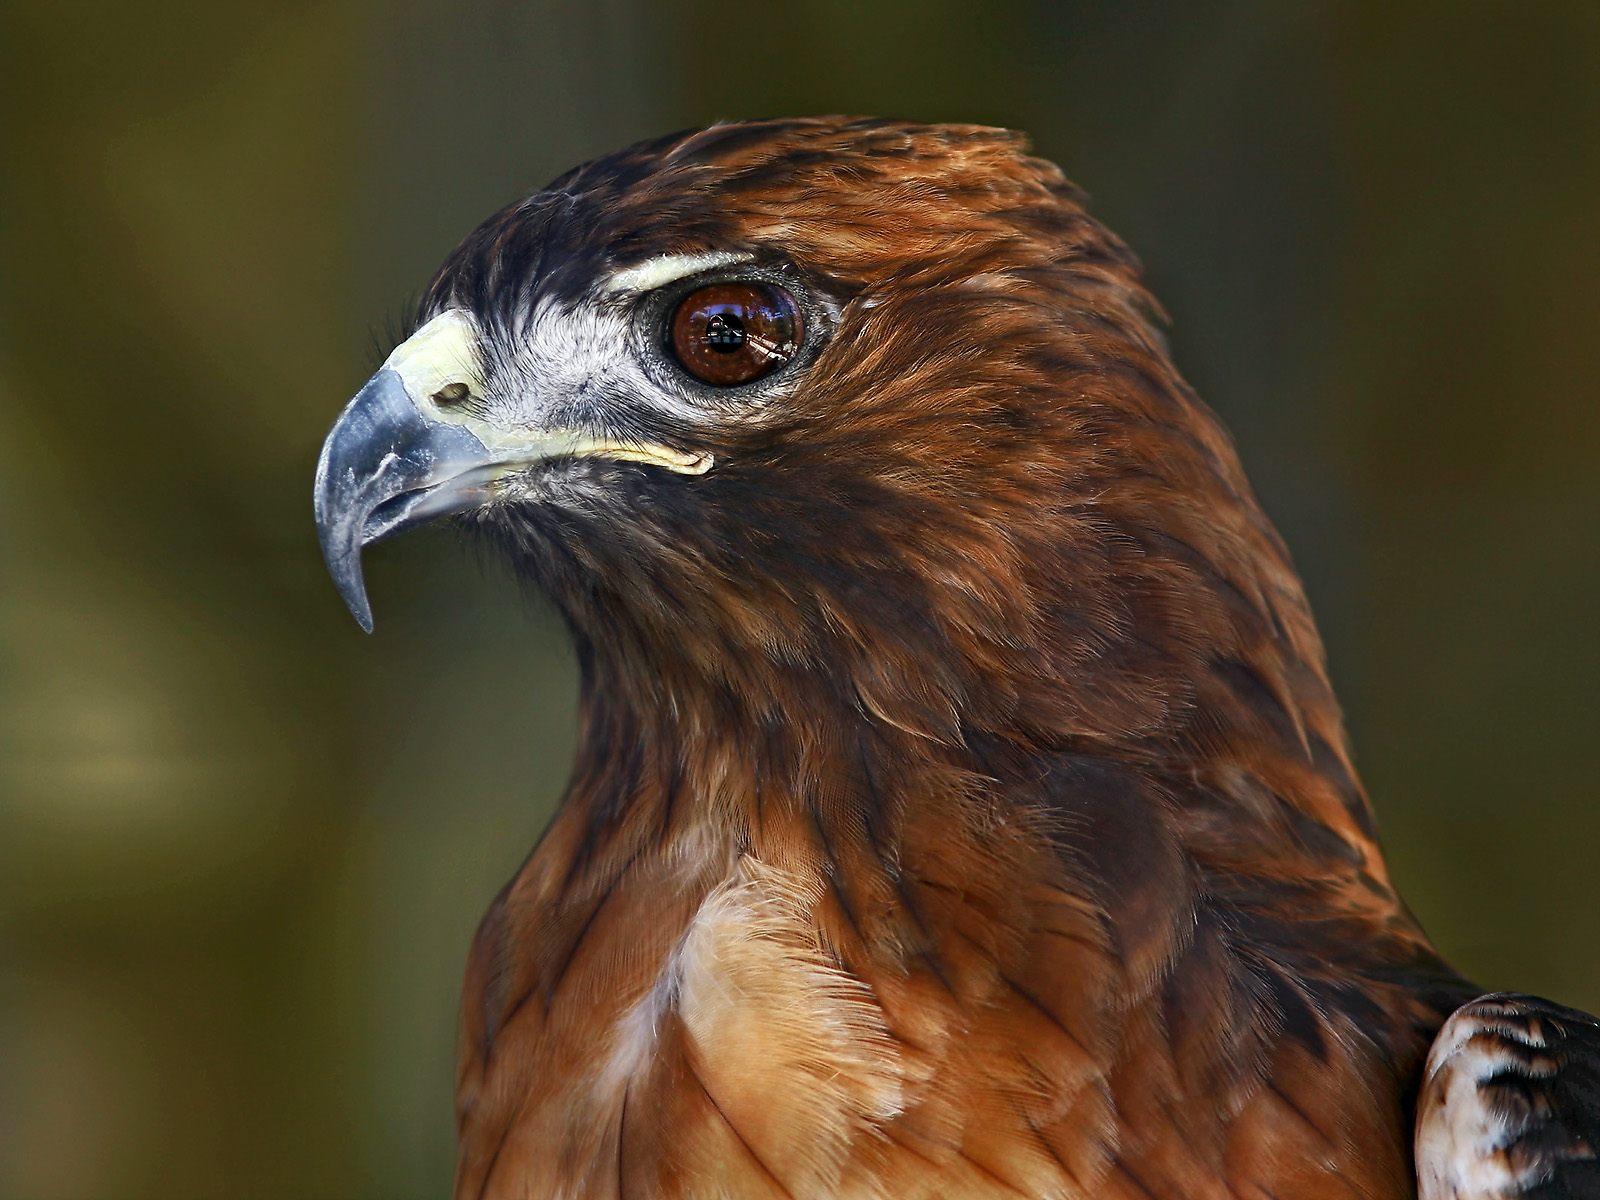 eagle авто фото